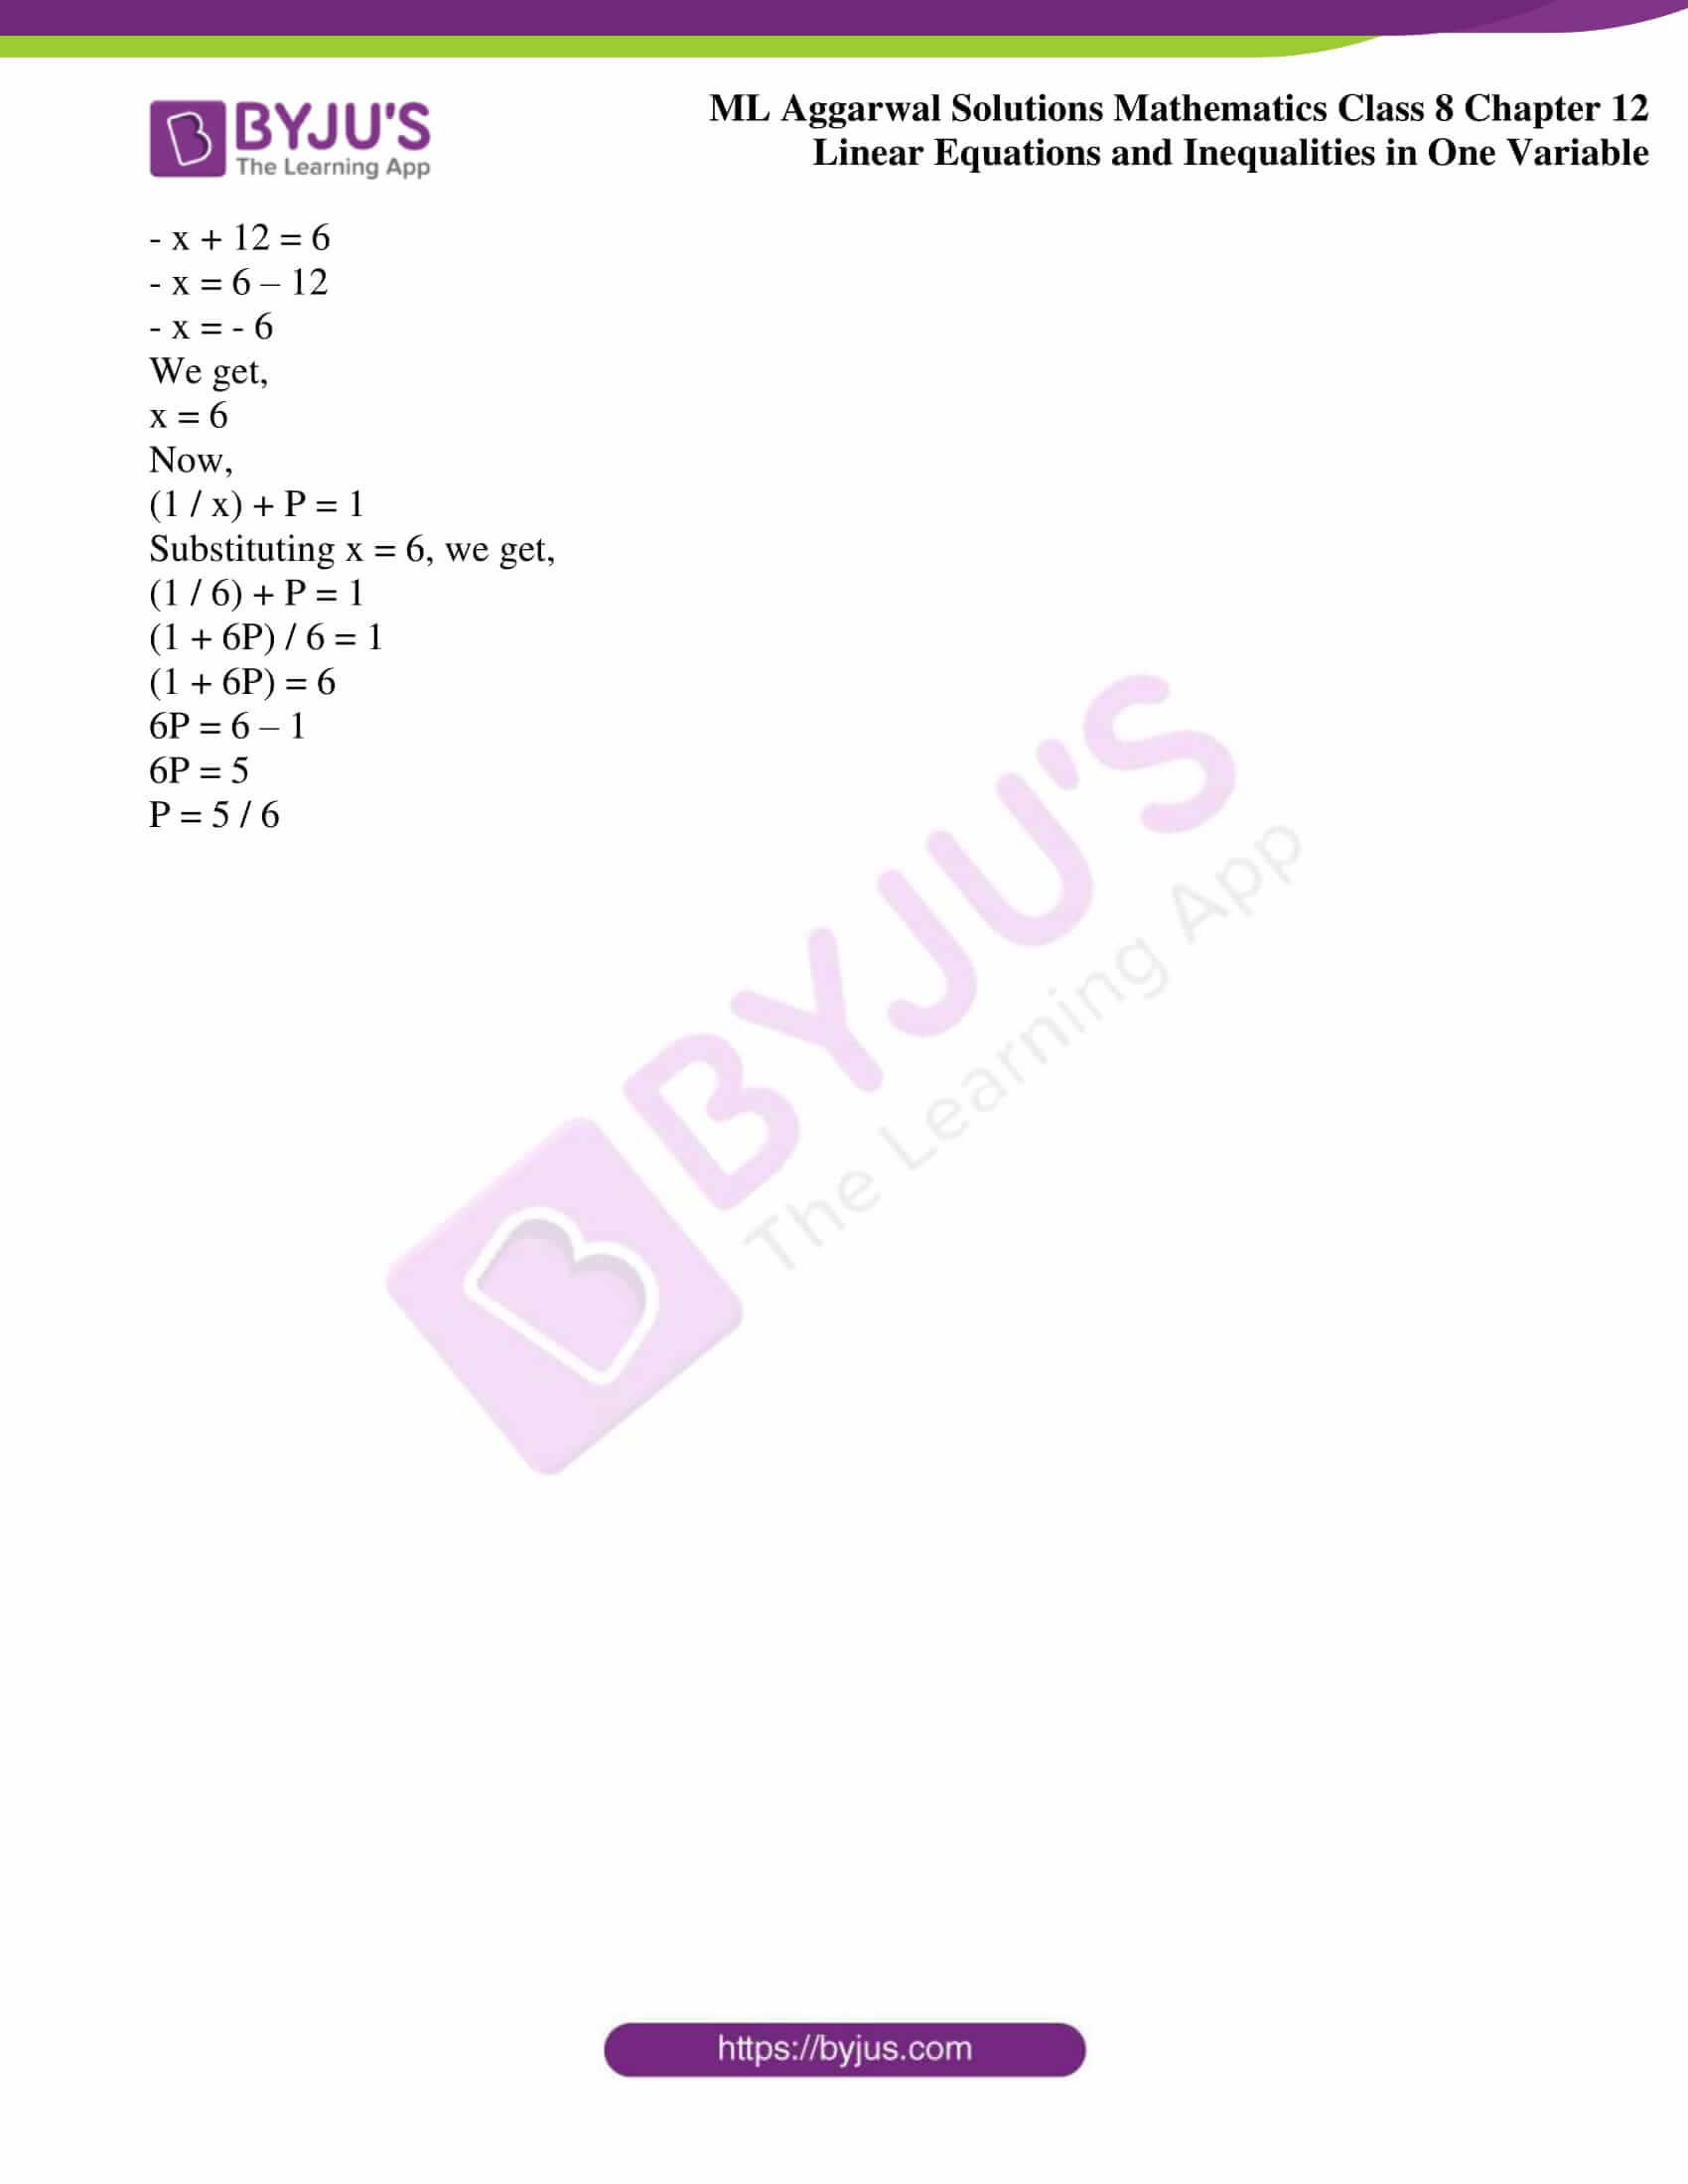 ml aggarwal sol mathematics class 8 ch 12 09